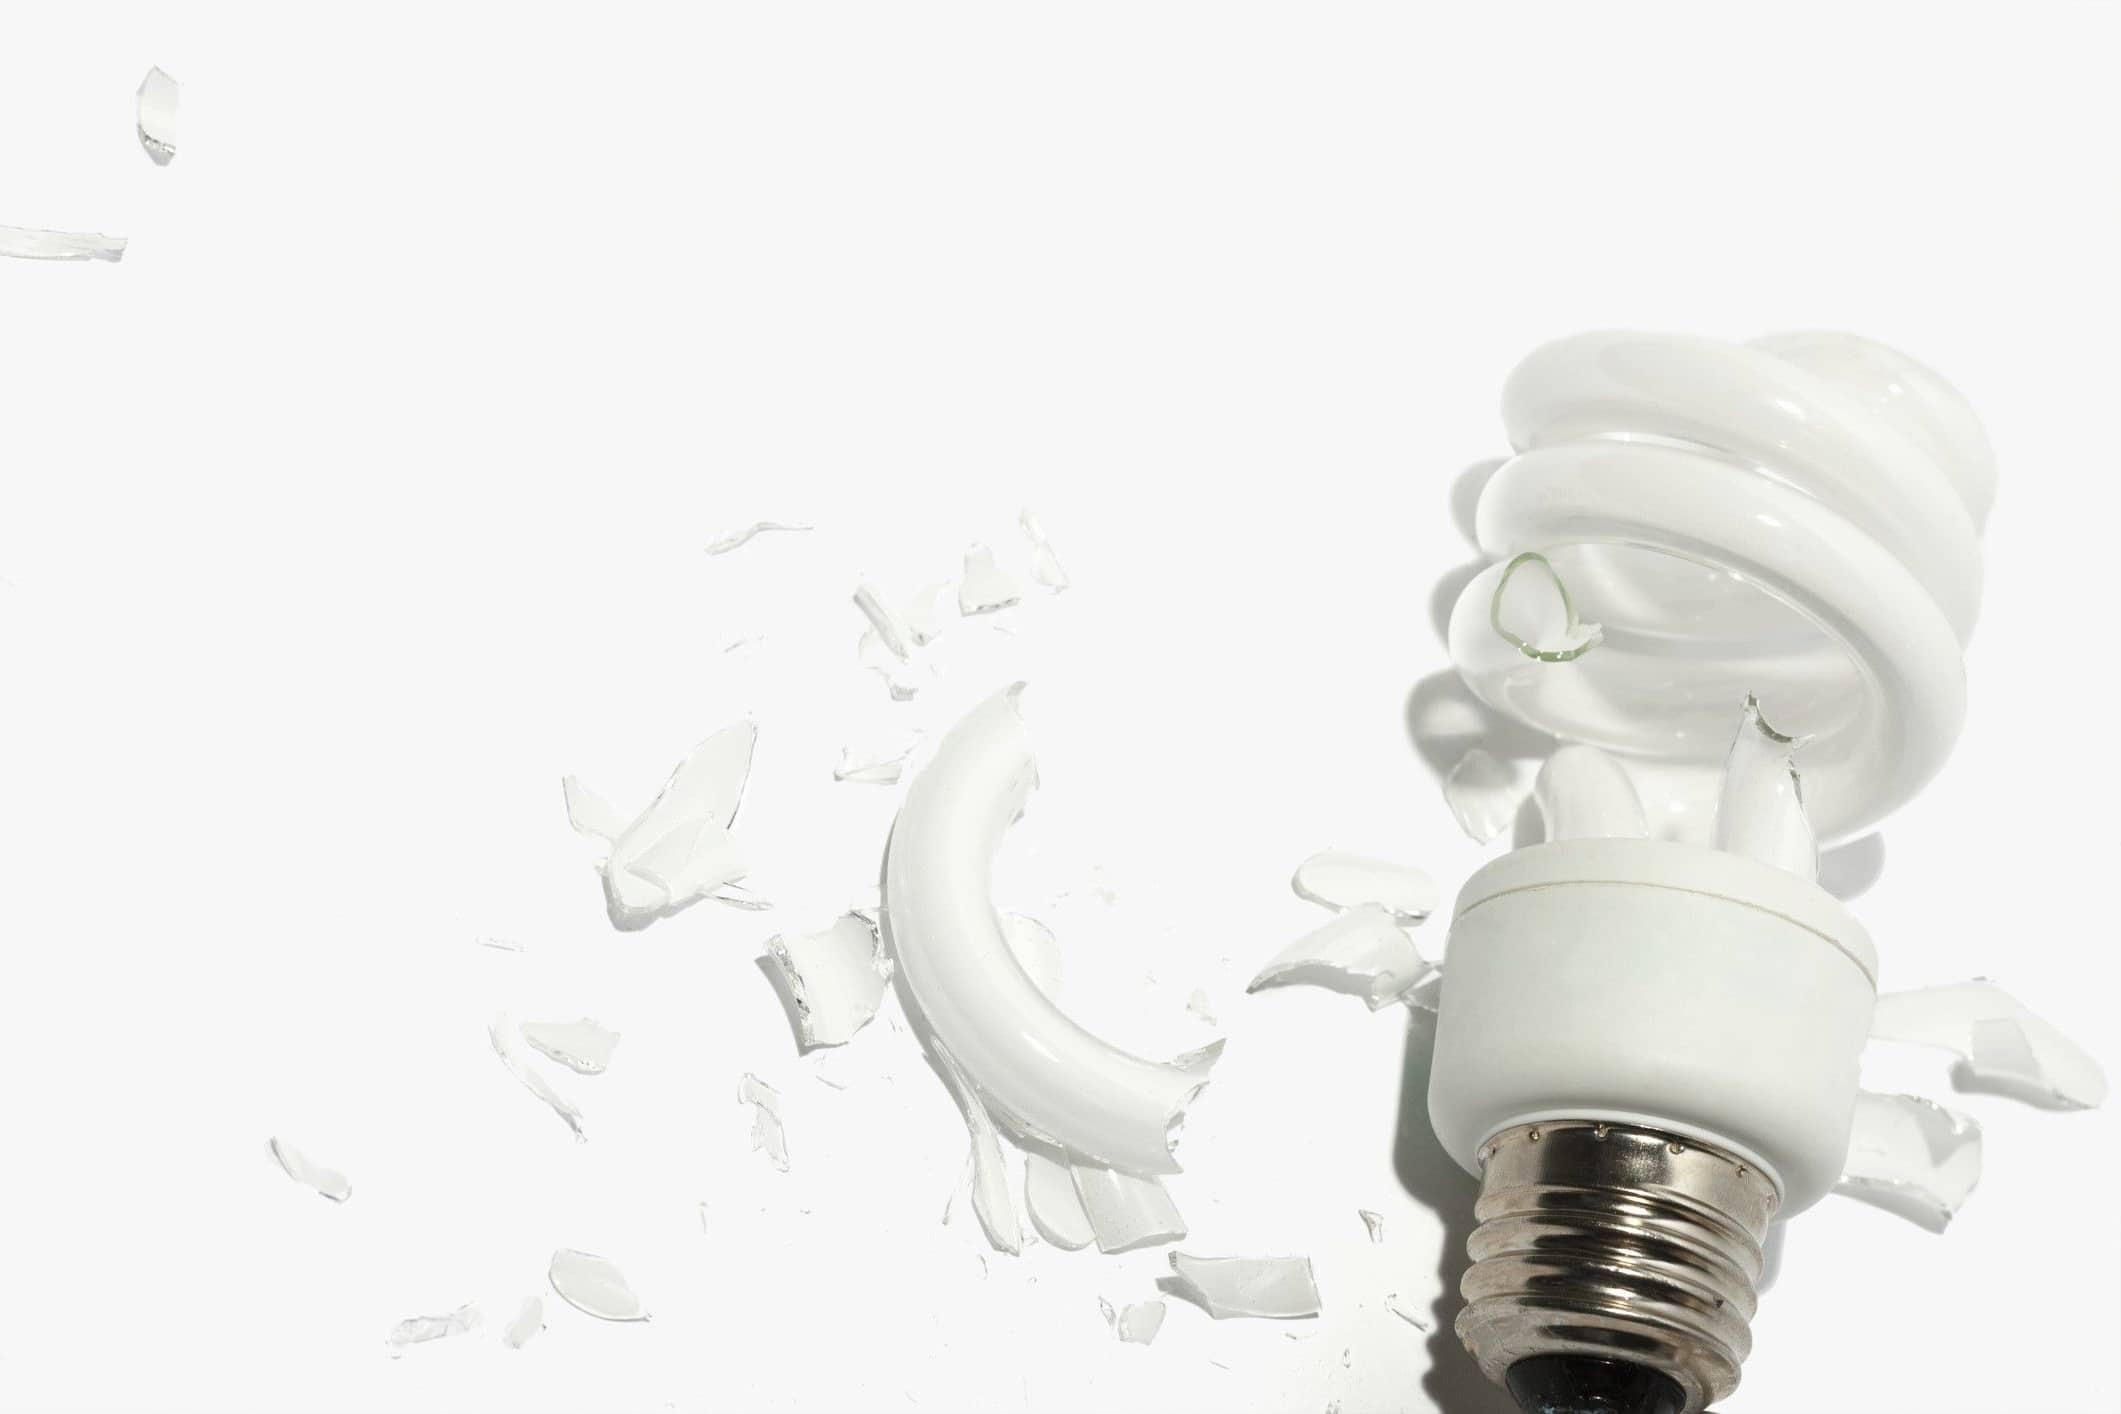 Энергосберегающая лампа, ртуть